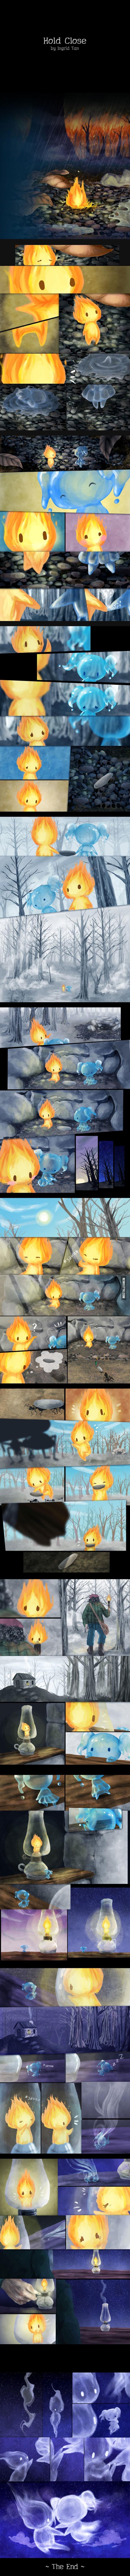 Love Story, historieta sobre una gota d'aigua i una flama